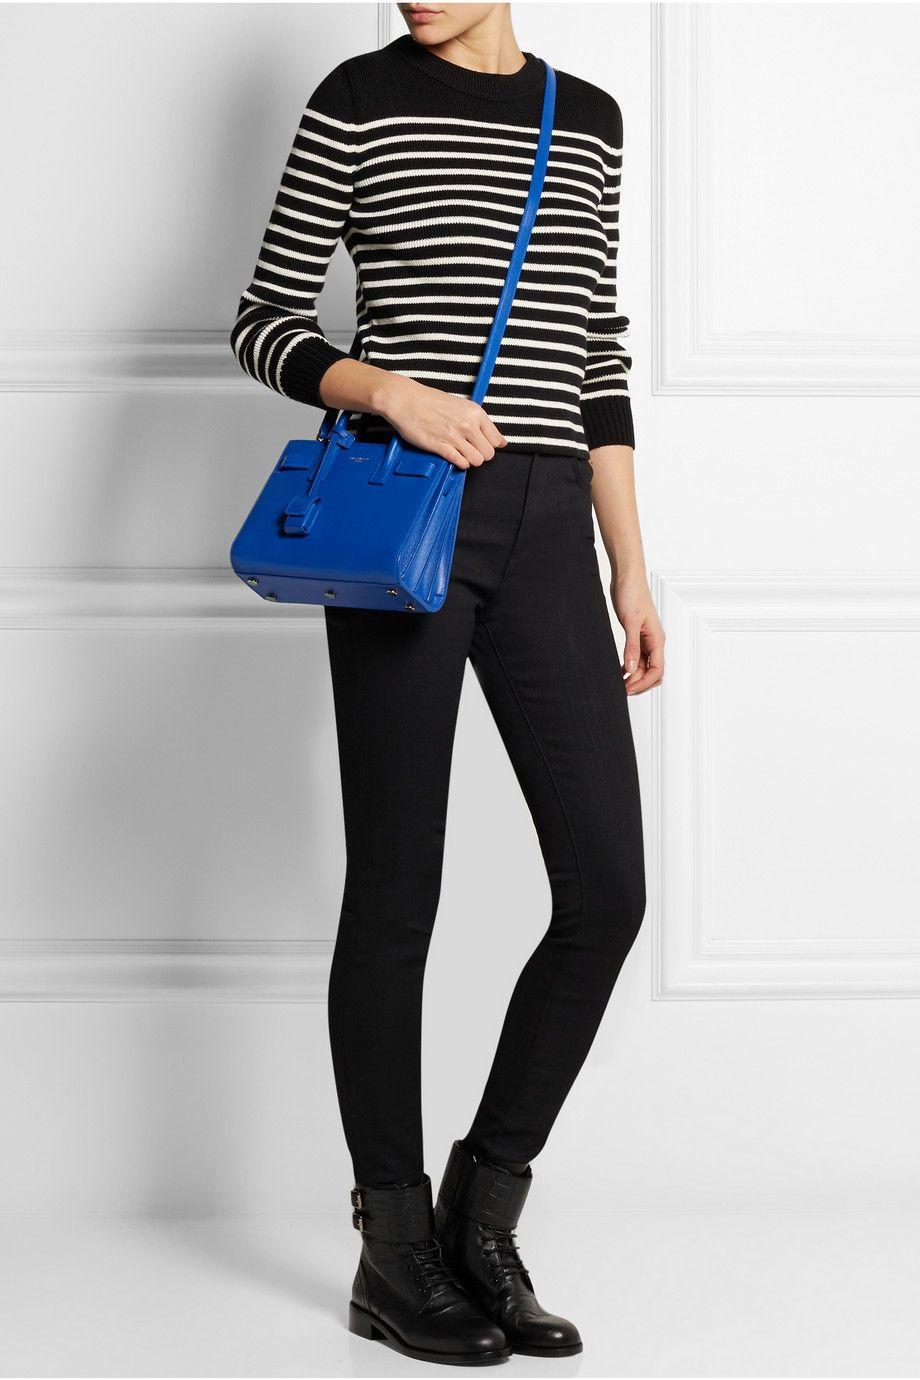 Saint Laurent Sac De Jour Nano Leather Shoulder Bag